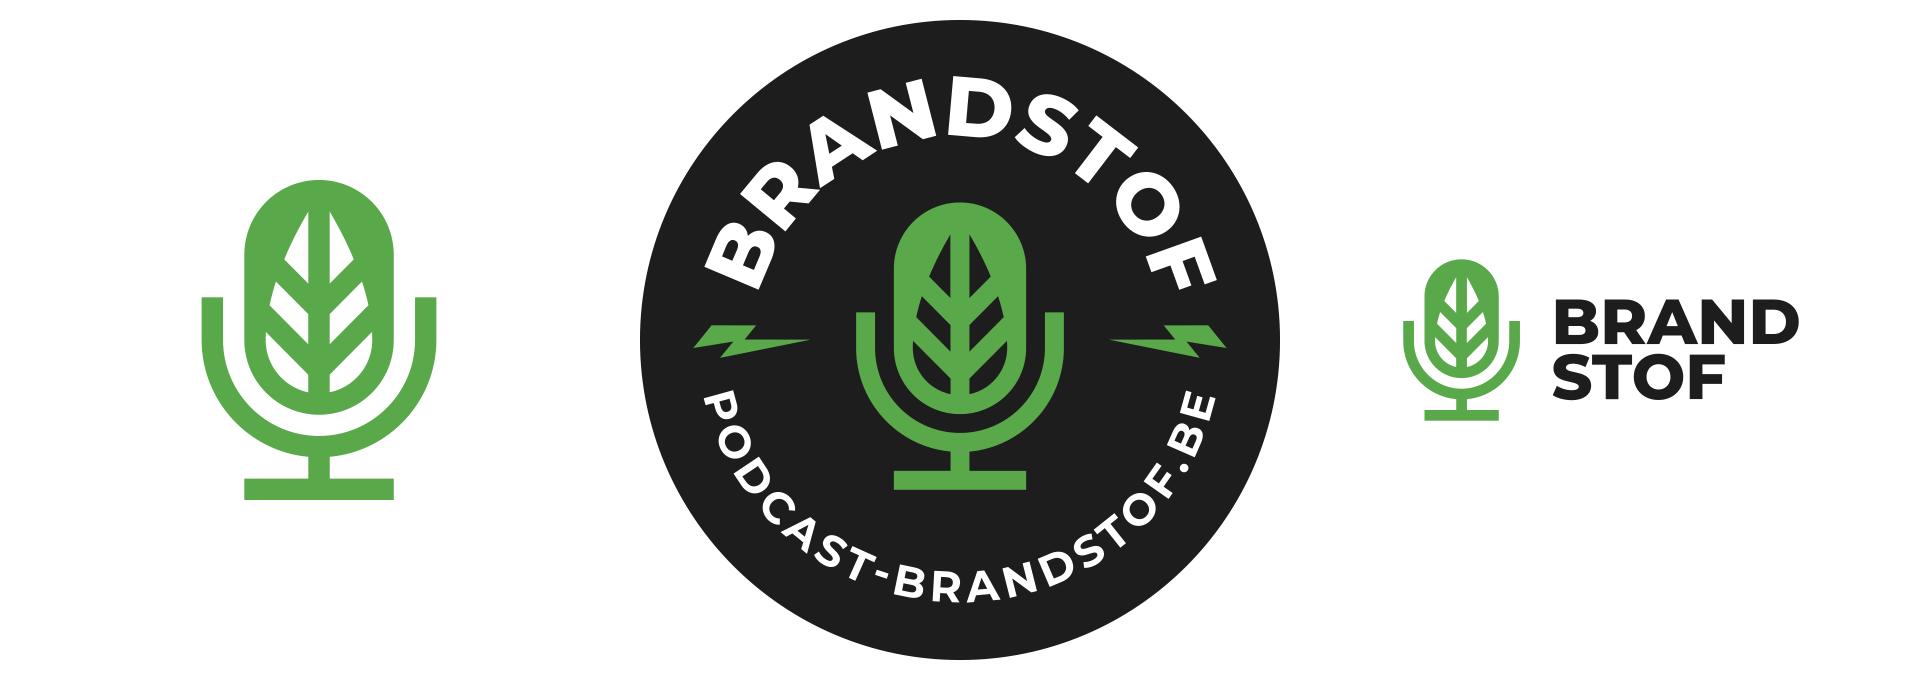 Brandstof logo on white